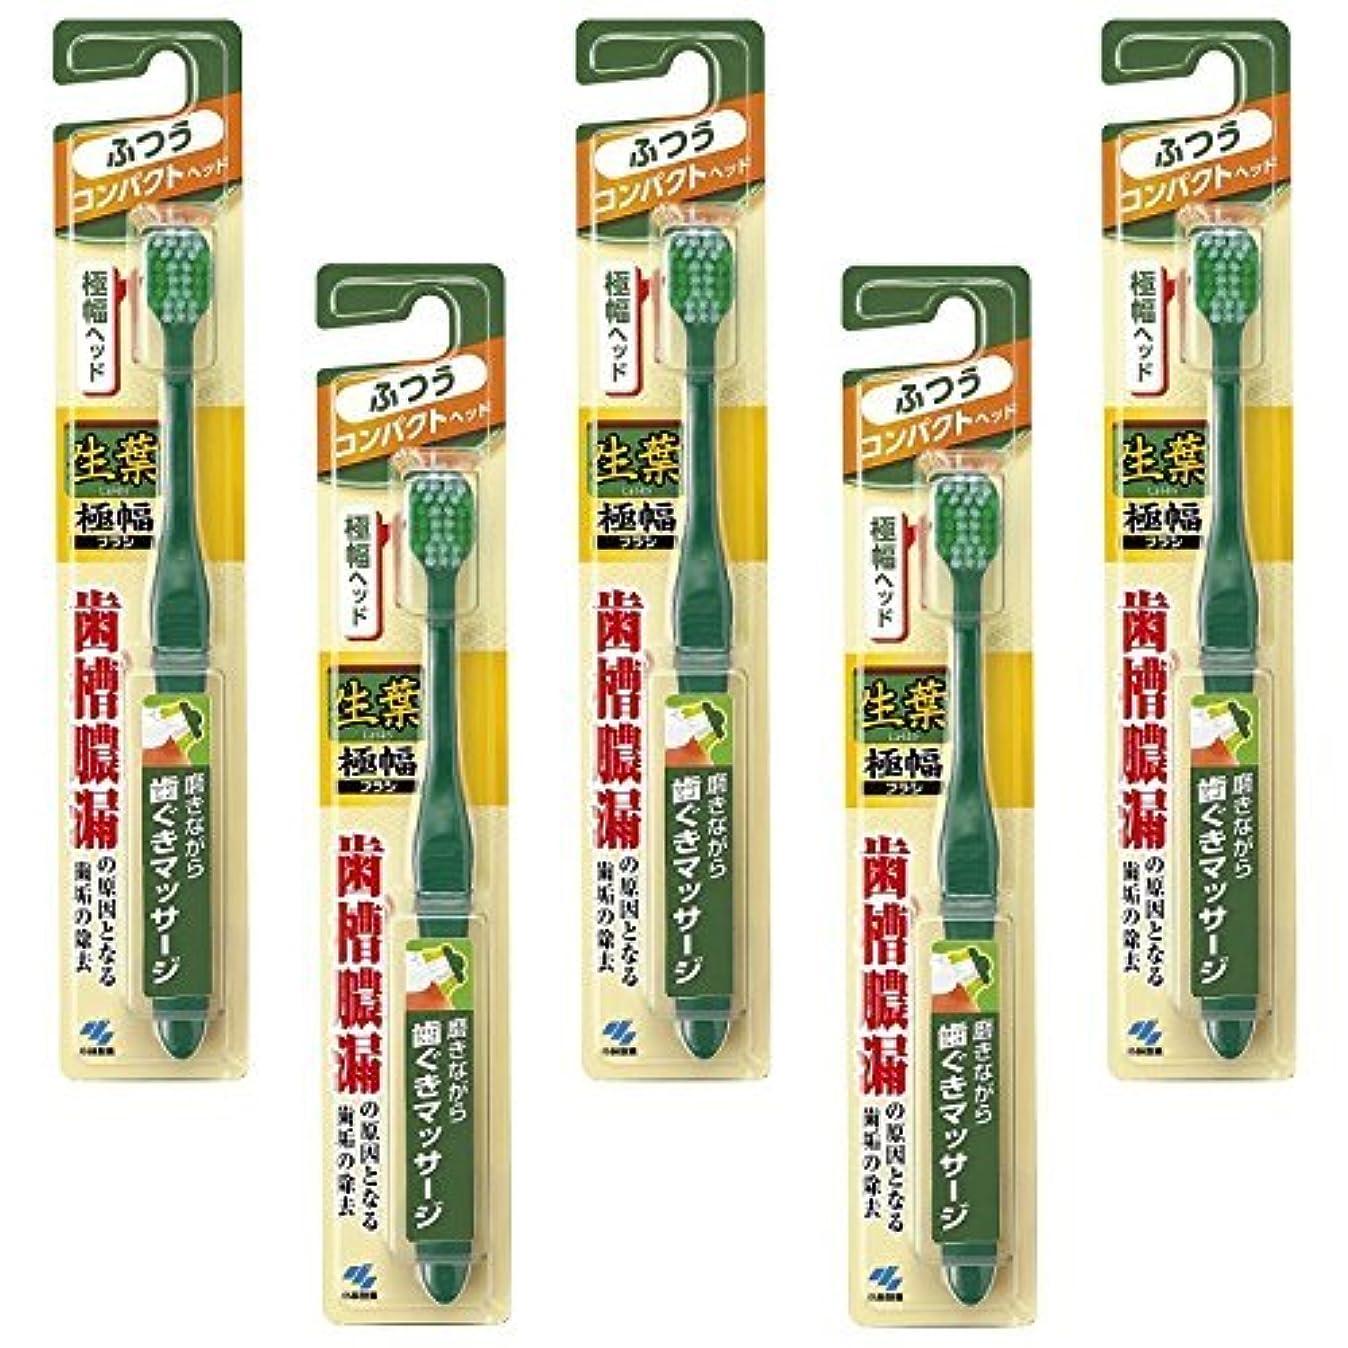 サイレント交通可愛い【まとめ買い】生葉(しょうよう)極幅ブラシ 歯ブラシ コンパクトヘッド ふつう ×5個